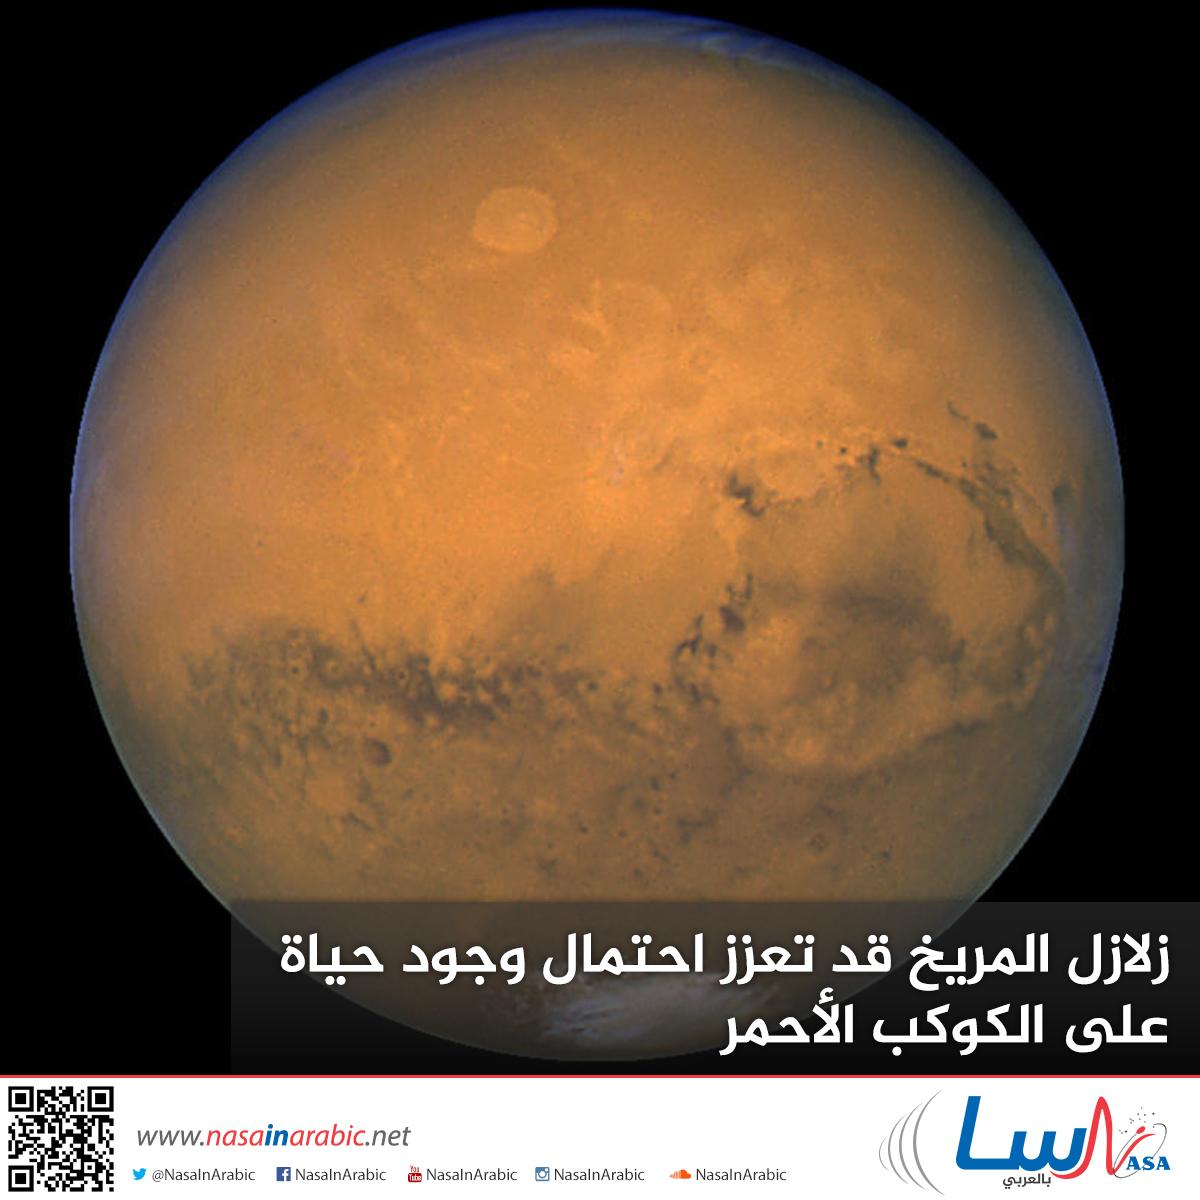 زلازل المريخ قد تعزز احتمال وجود حياة على الكوكب الأحمر